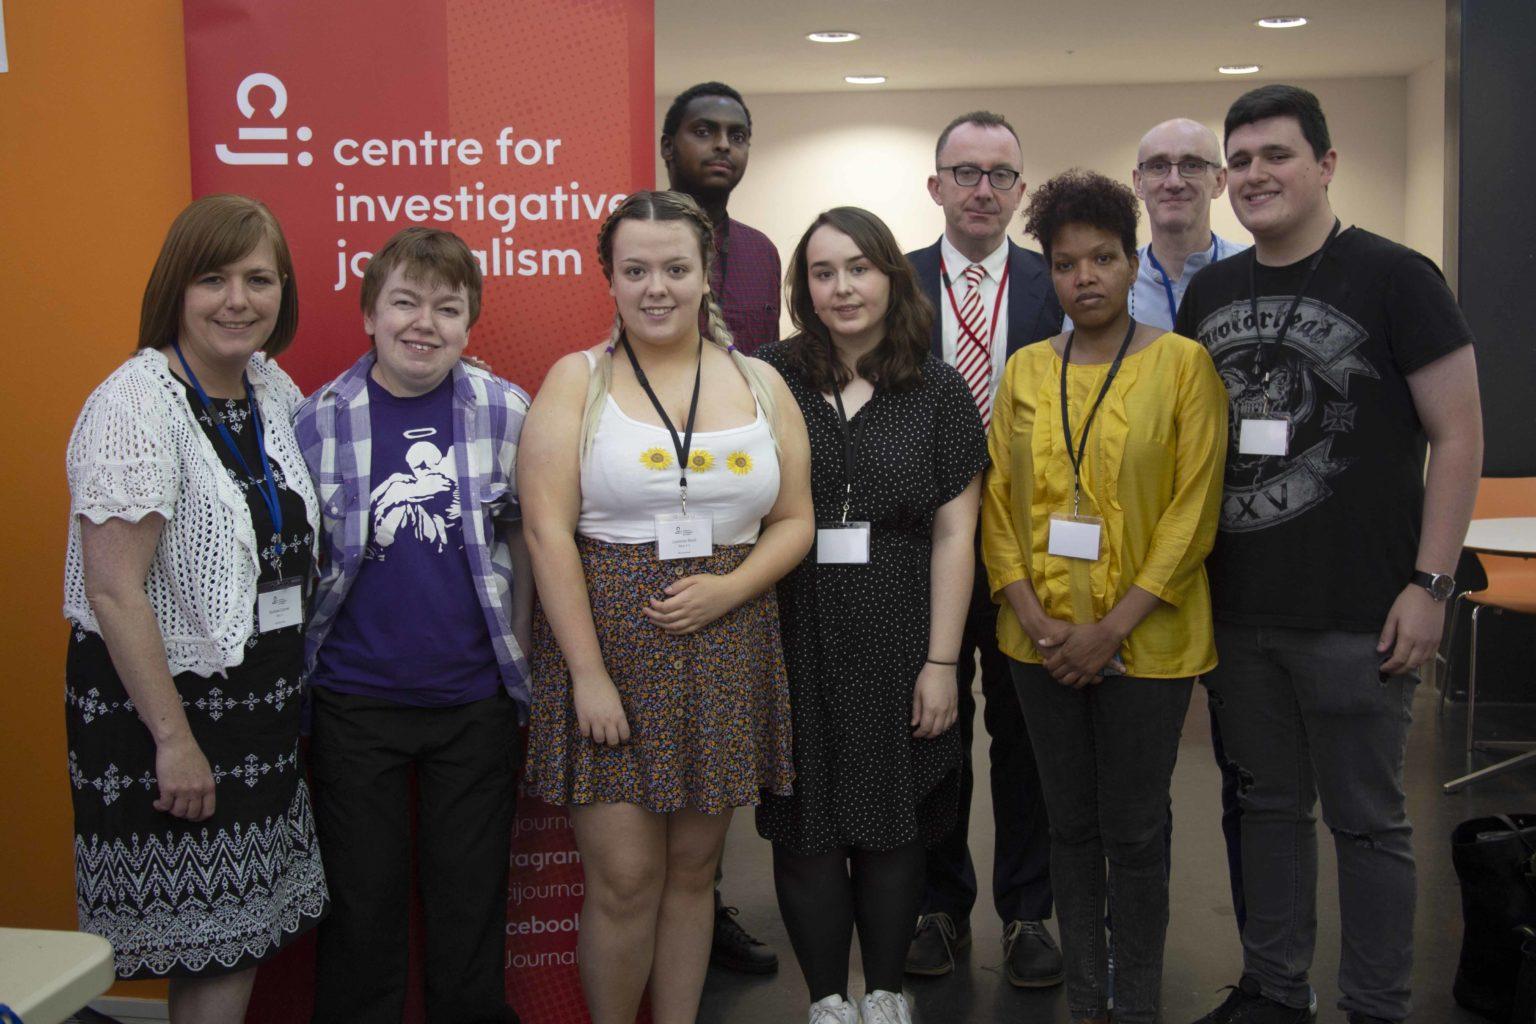 Lyra McKee Journalism Training Bursary Scheme to attend #CIJSummer Investigative Journalism Conference 2020 in London